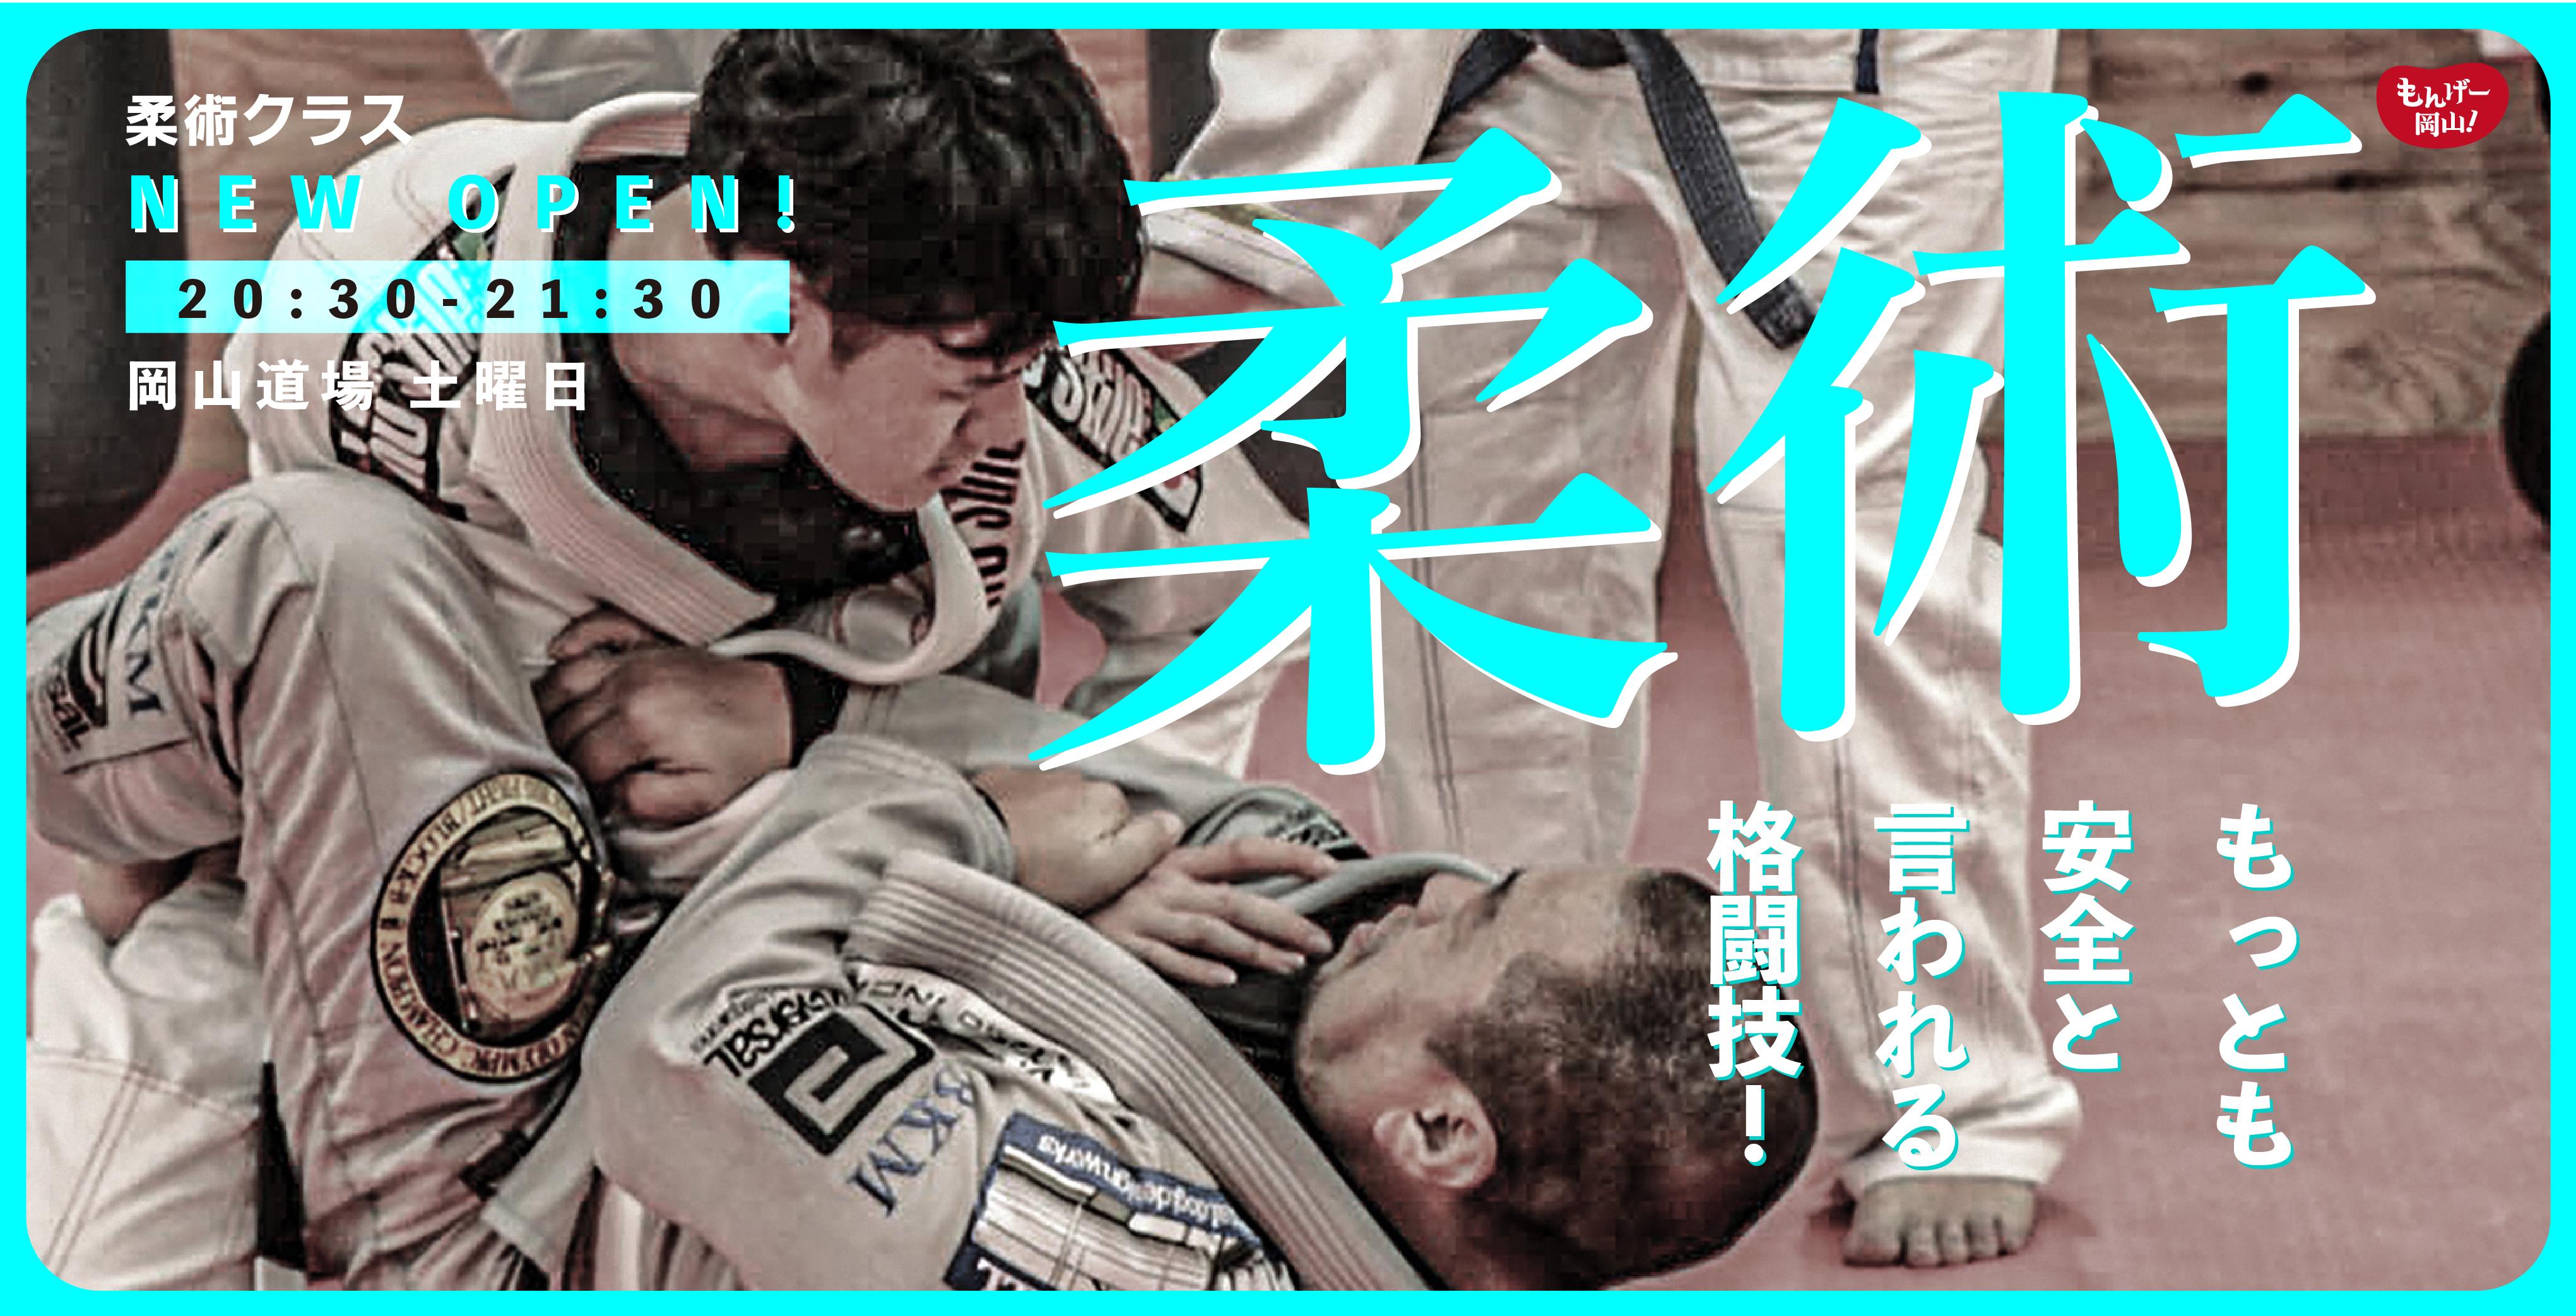 柔術 最も安全と言われる格闘技 柔術クラス登場